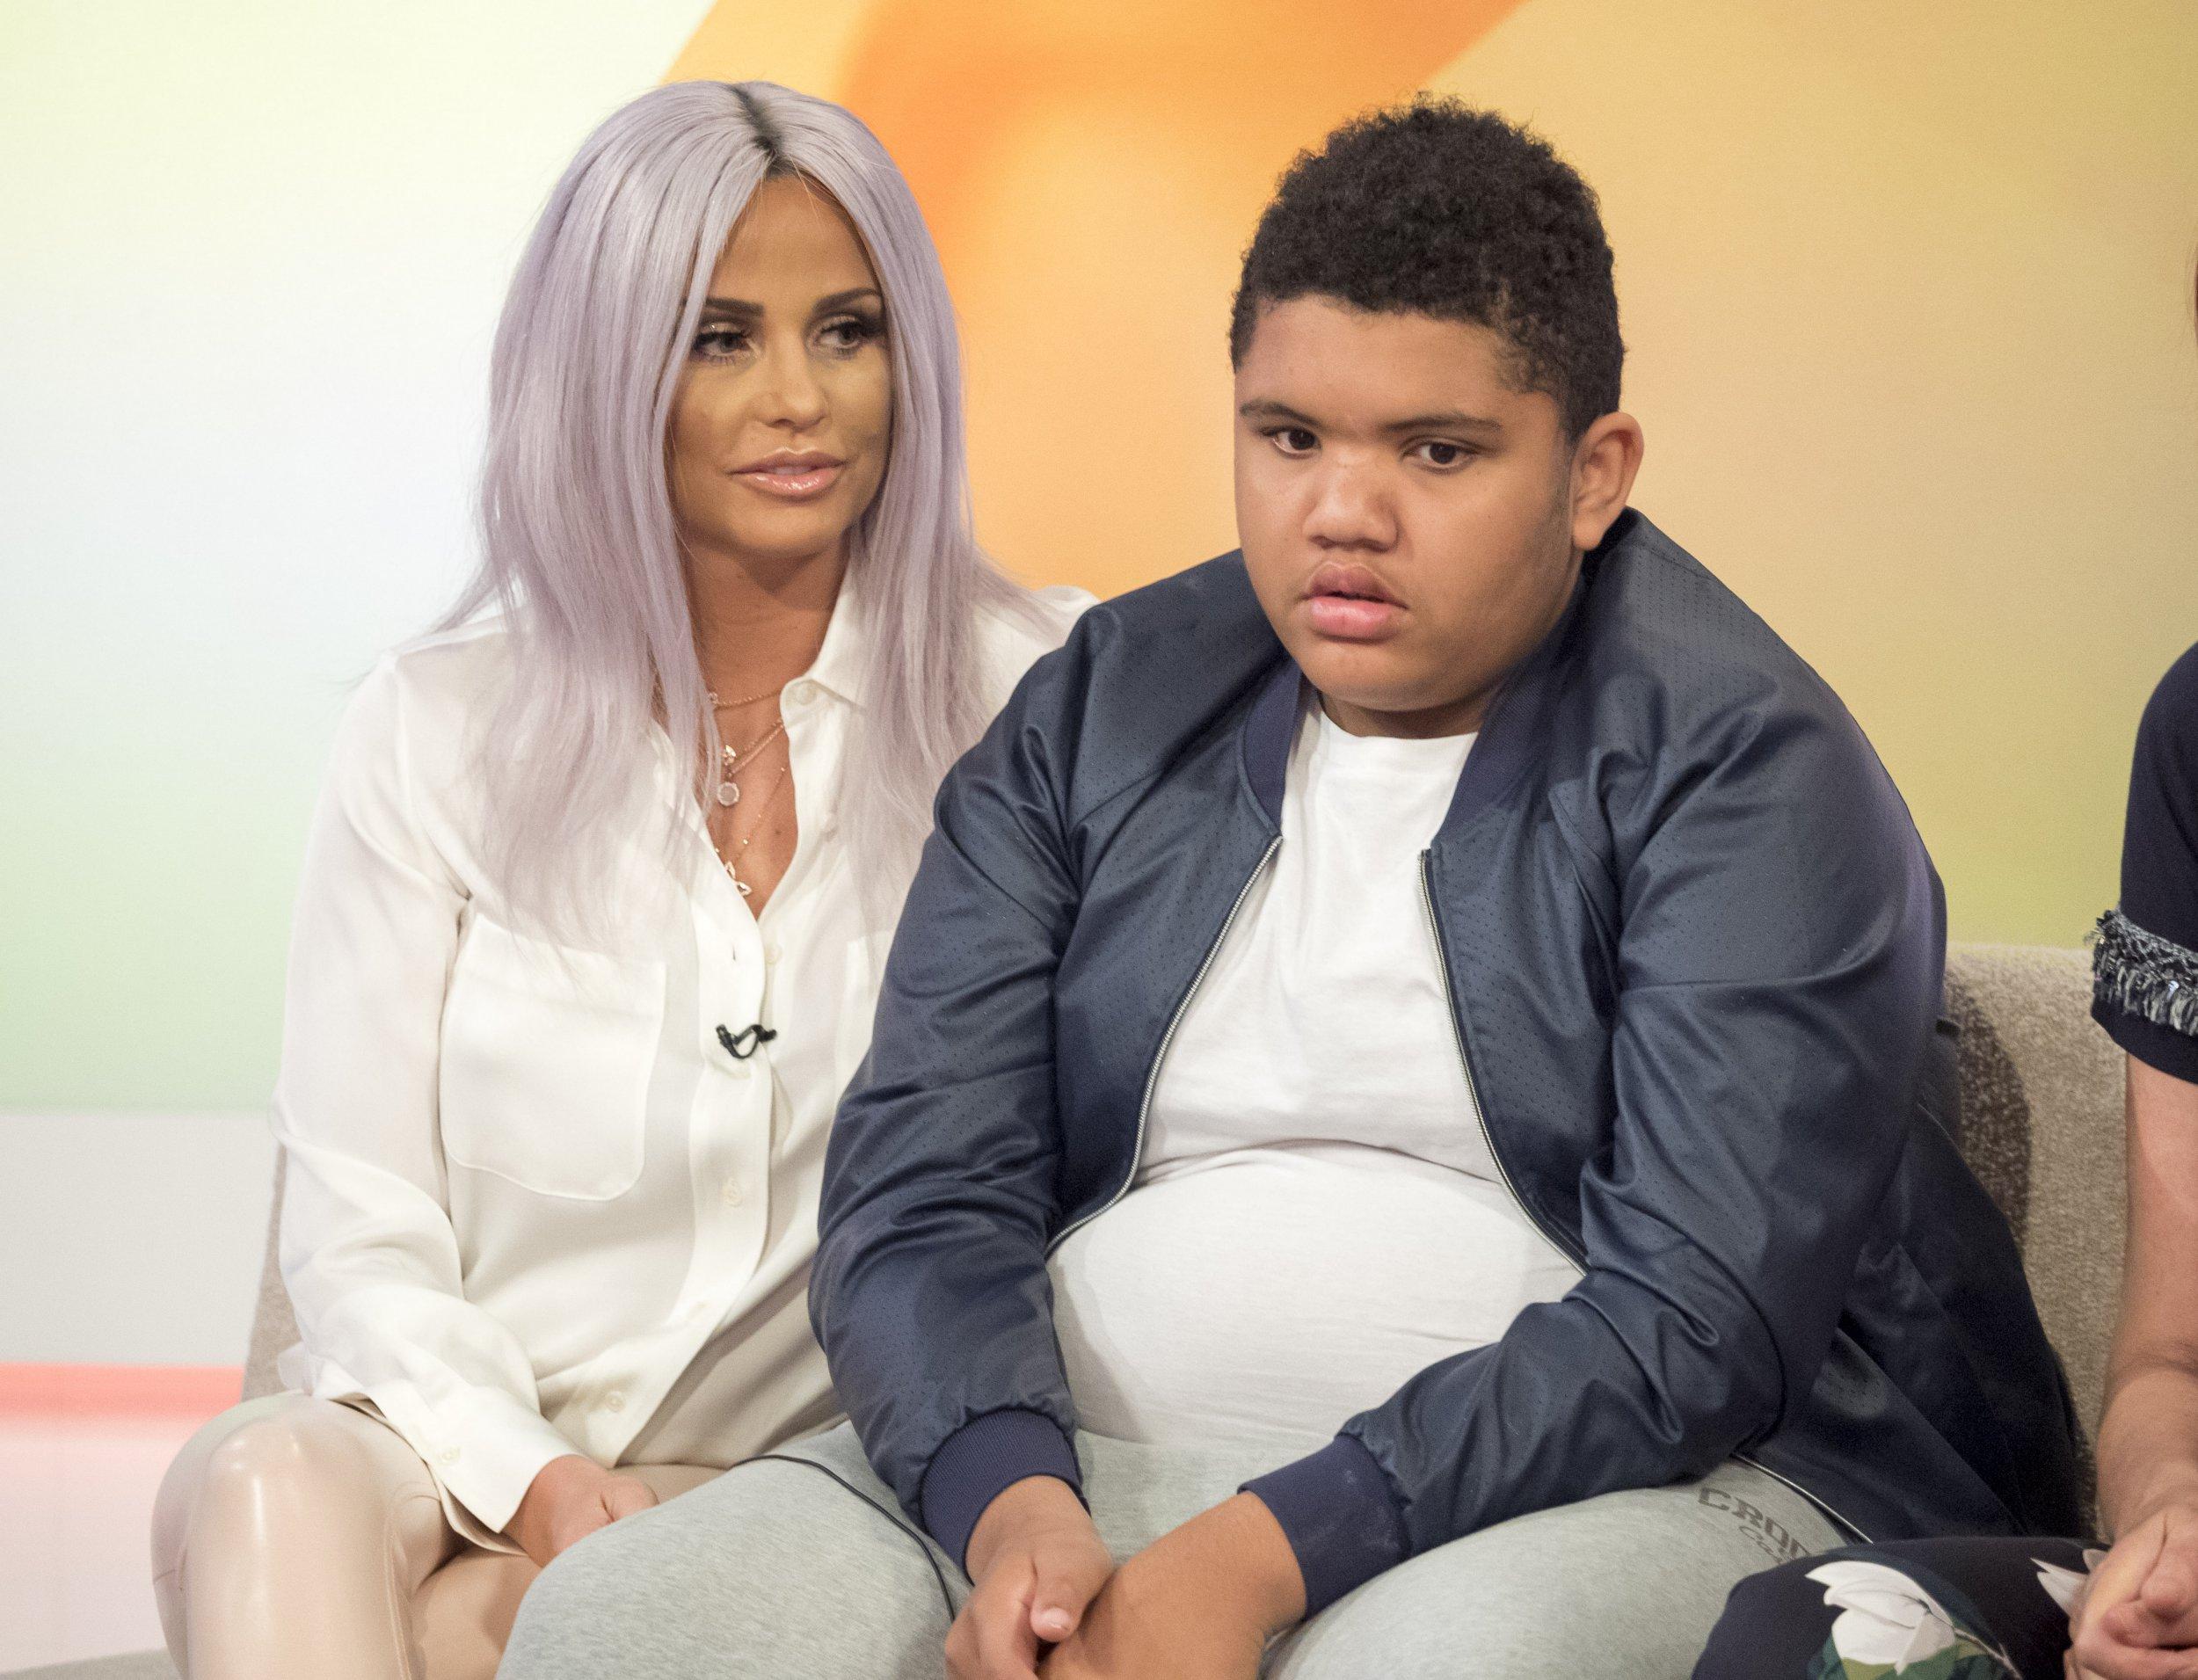 Katie Price with son Harvey